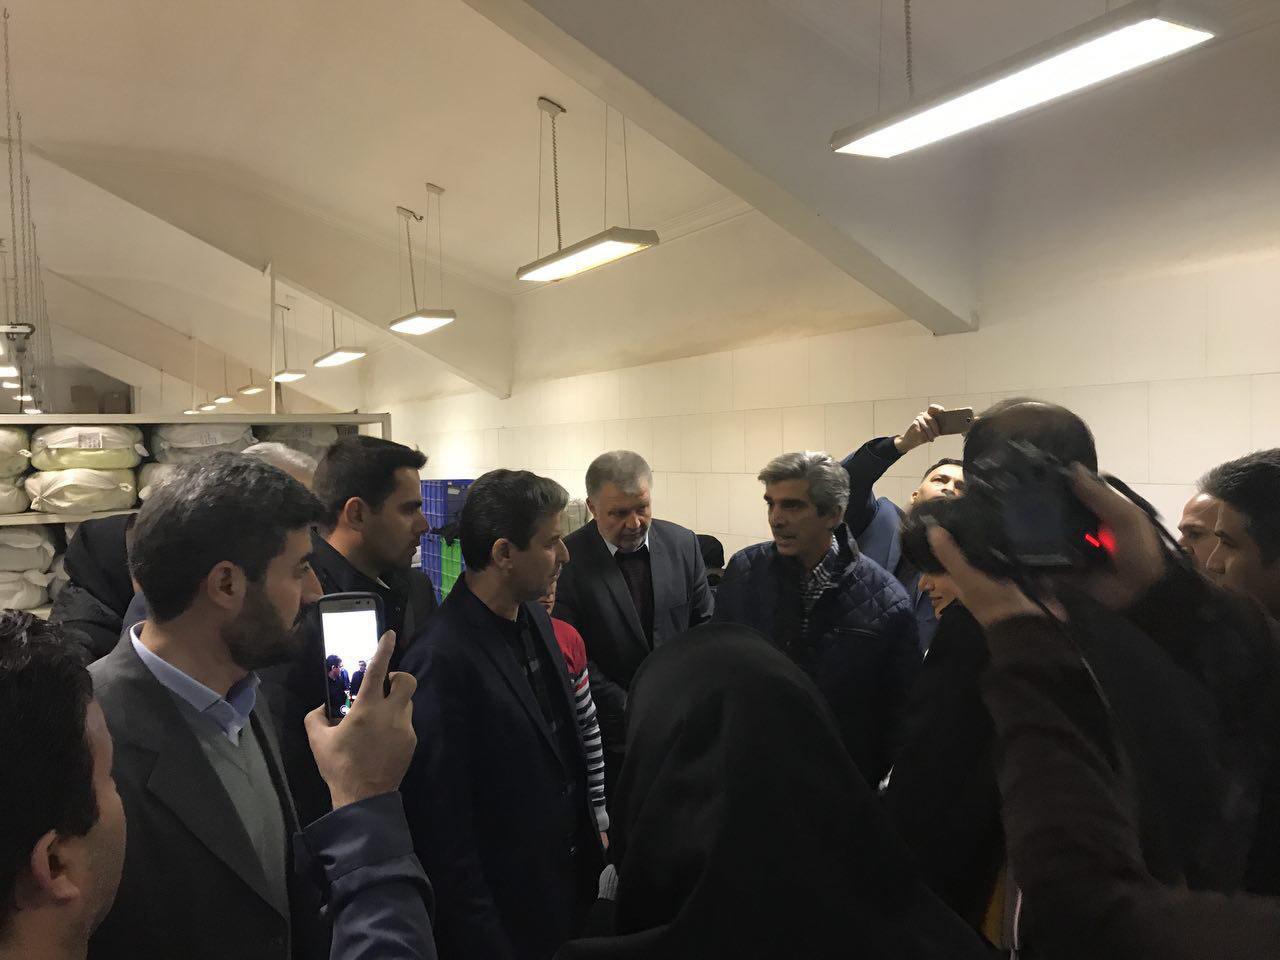 بازدید استاندار آذربایجان غربی از واحد های تولید مشکل دار ارومیه